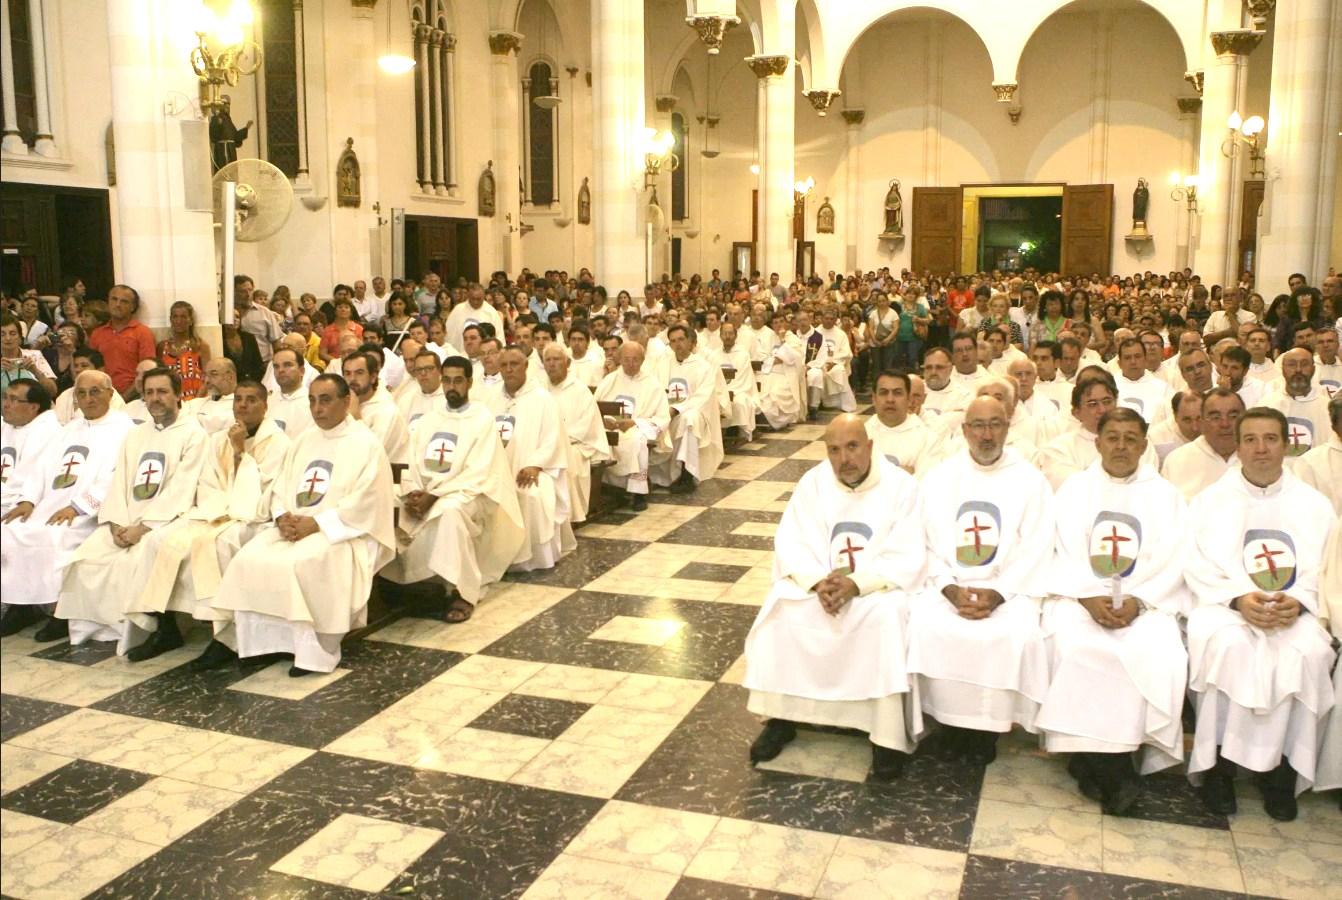 Monseñor Uriona anunció nuevos nombramientos para las parroquias de la Diócesis de Río Cuarto